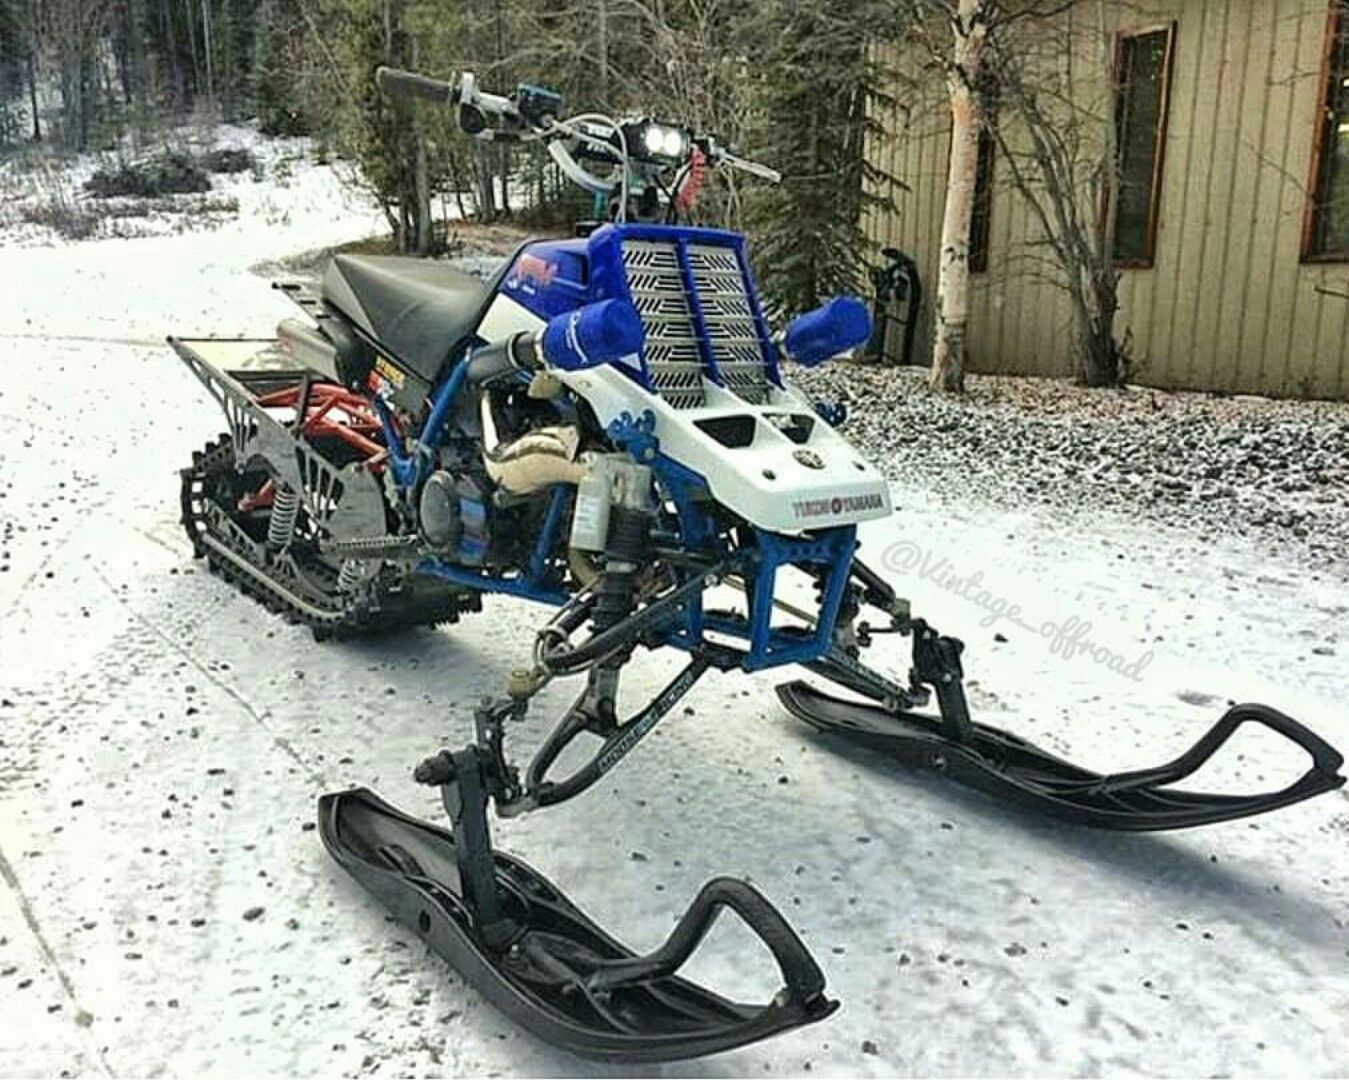 Made From A Banshee Yamaha Banshee Snow Vehicles Snowmobile